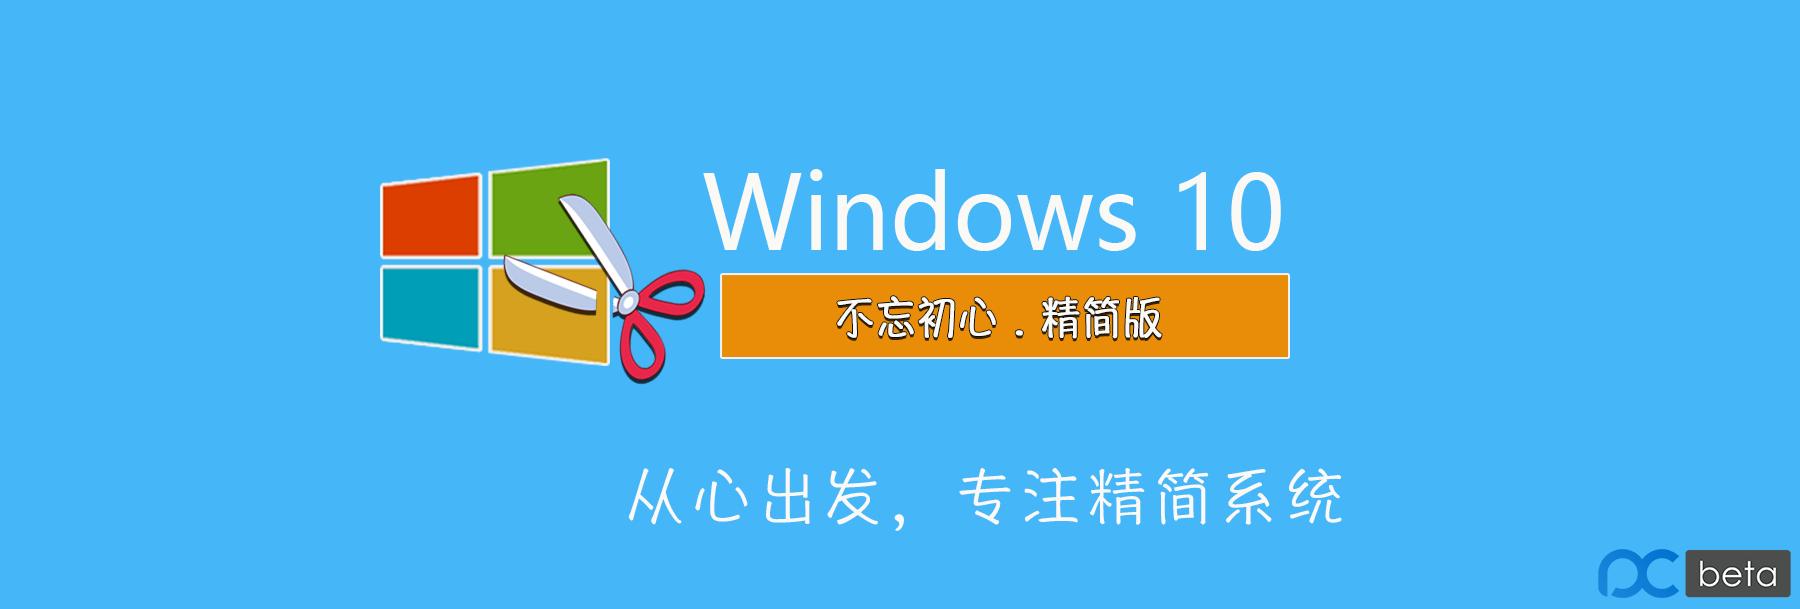 【不忘初心】Win10 20H2 19042.906_X64_五合一_[纯净精简版][2.85G](2021.4.1)